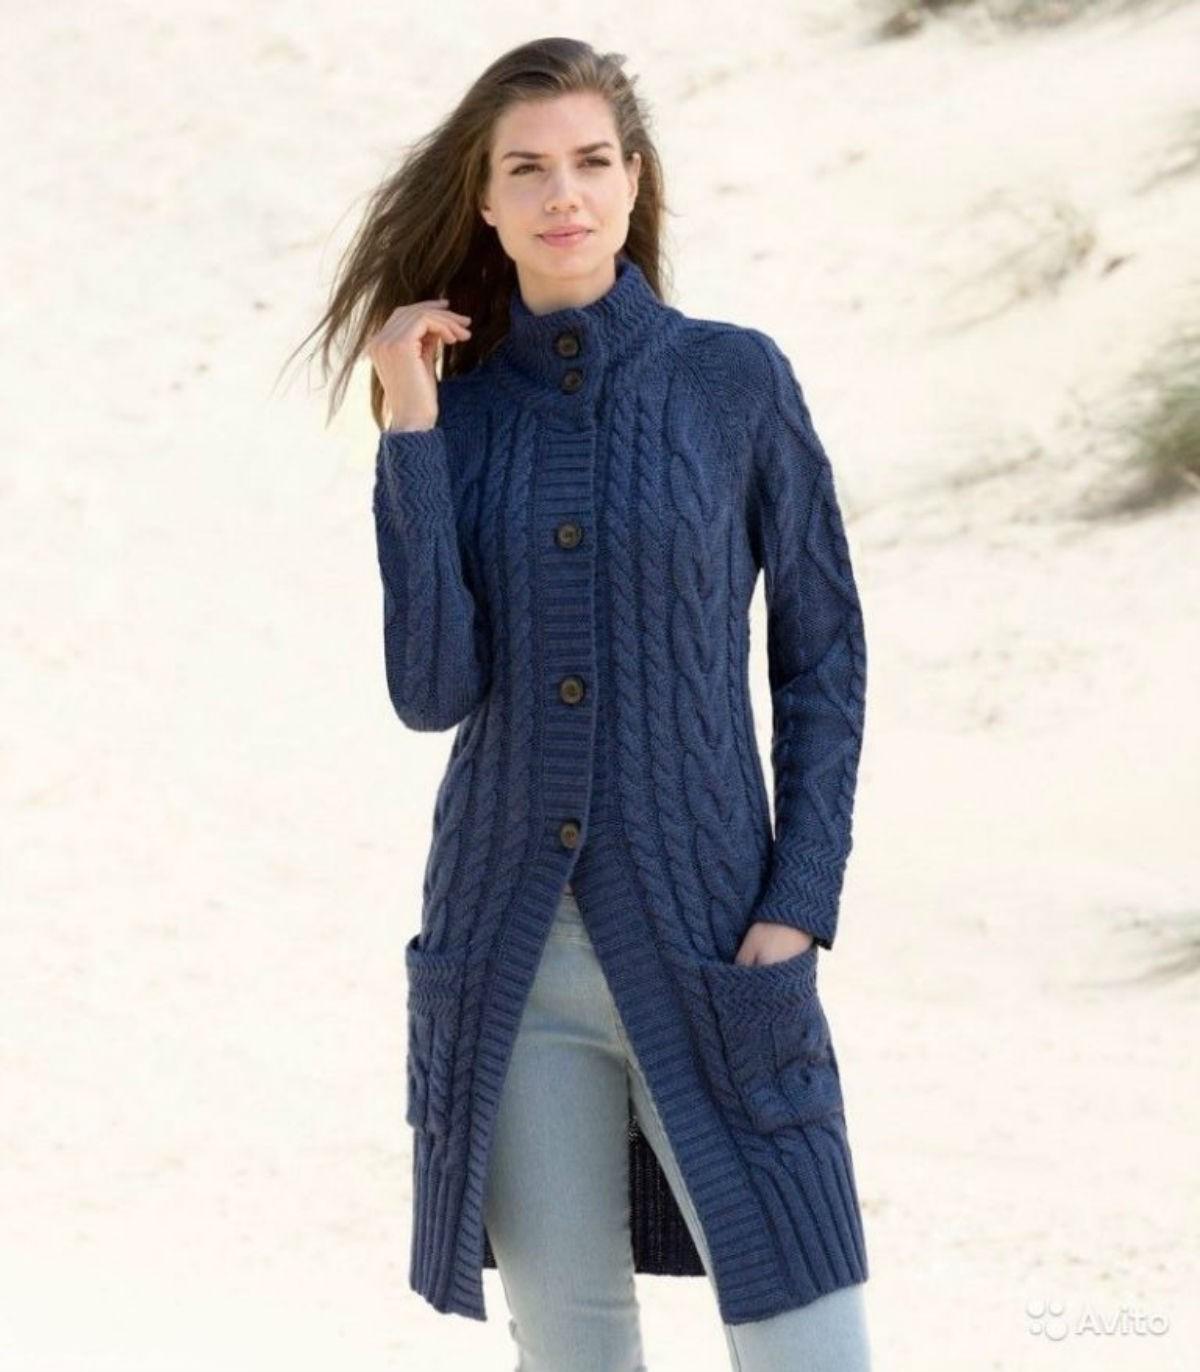 Вязаное пальто сезона 2018-2019 — модные фасоны и декоративные элементы